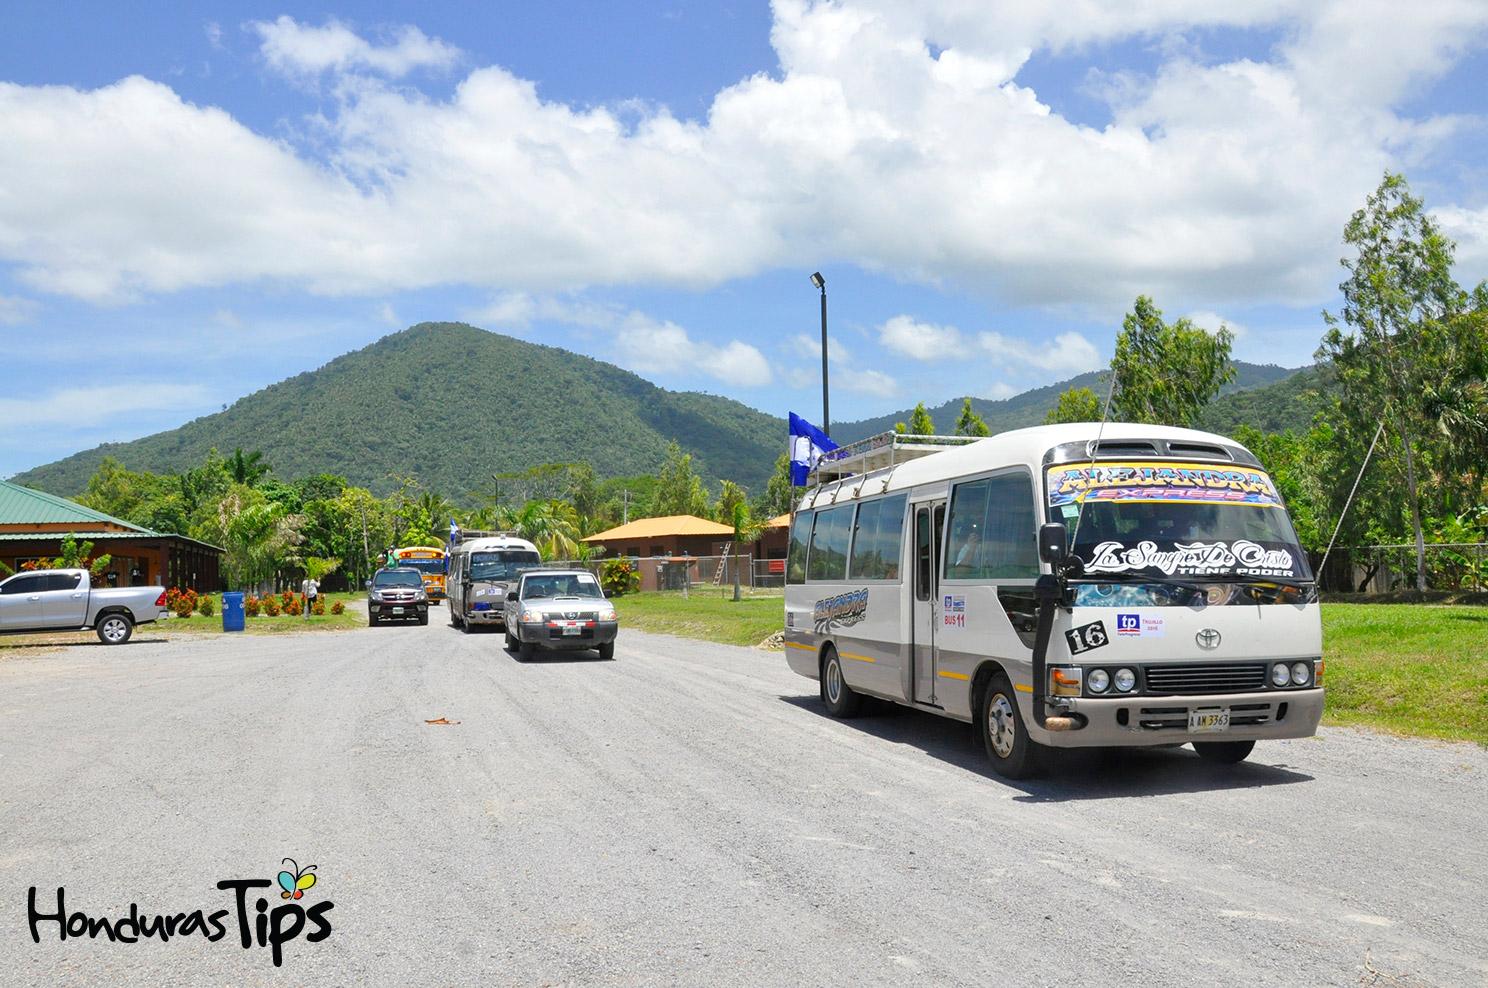 Los viajeros incrementaron su emoción por el grato recibimiento de los trujillanos. Al fondo uno de los cerros del Parque Nacional Capiro y Calentura.